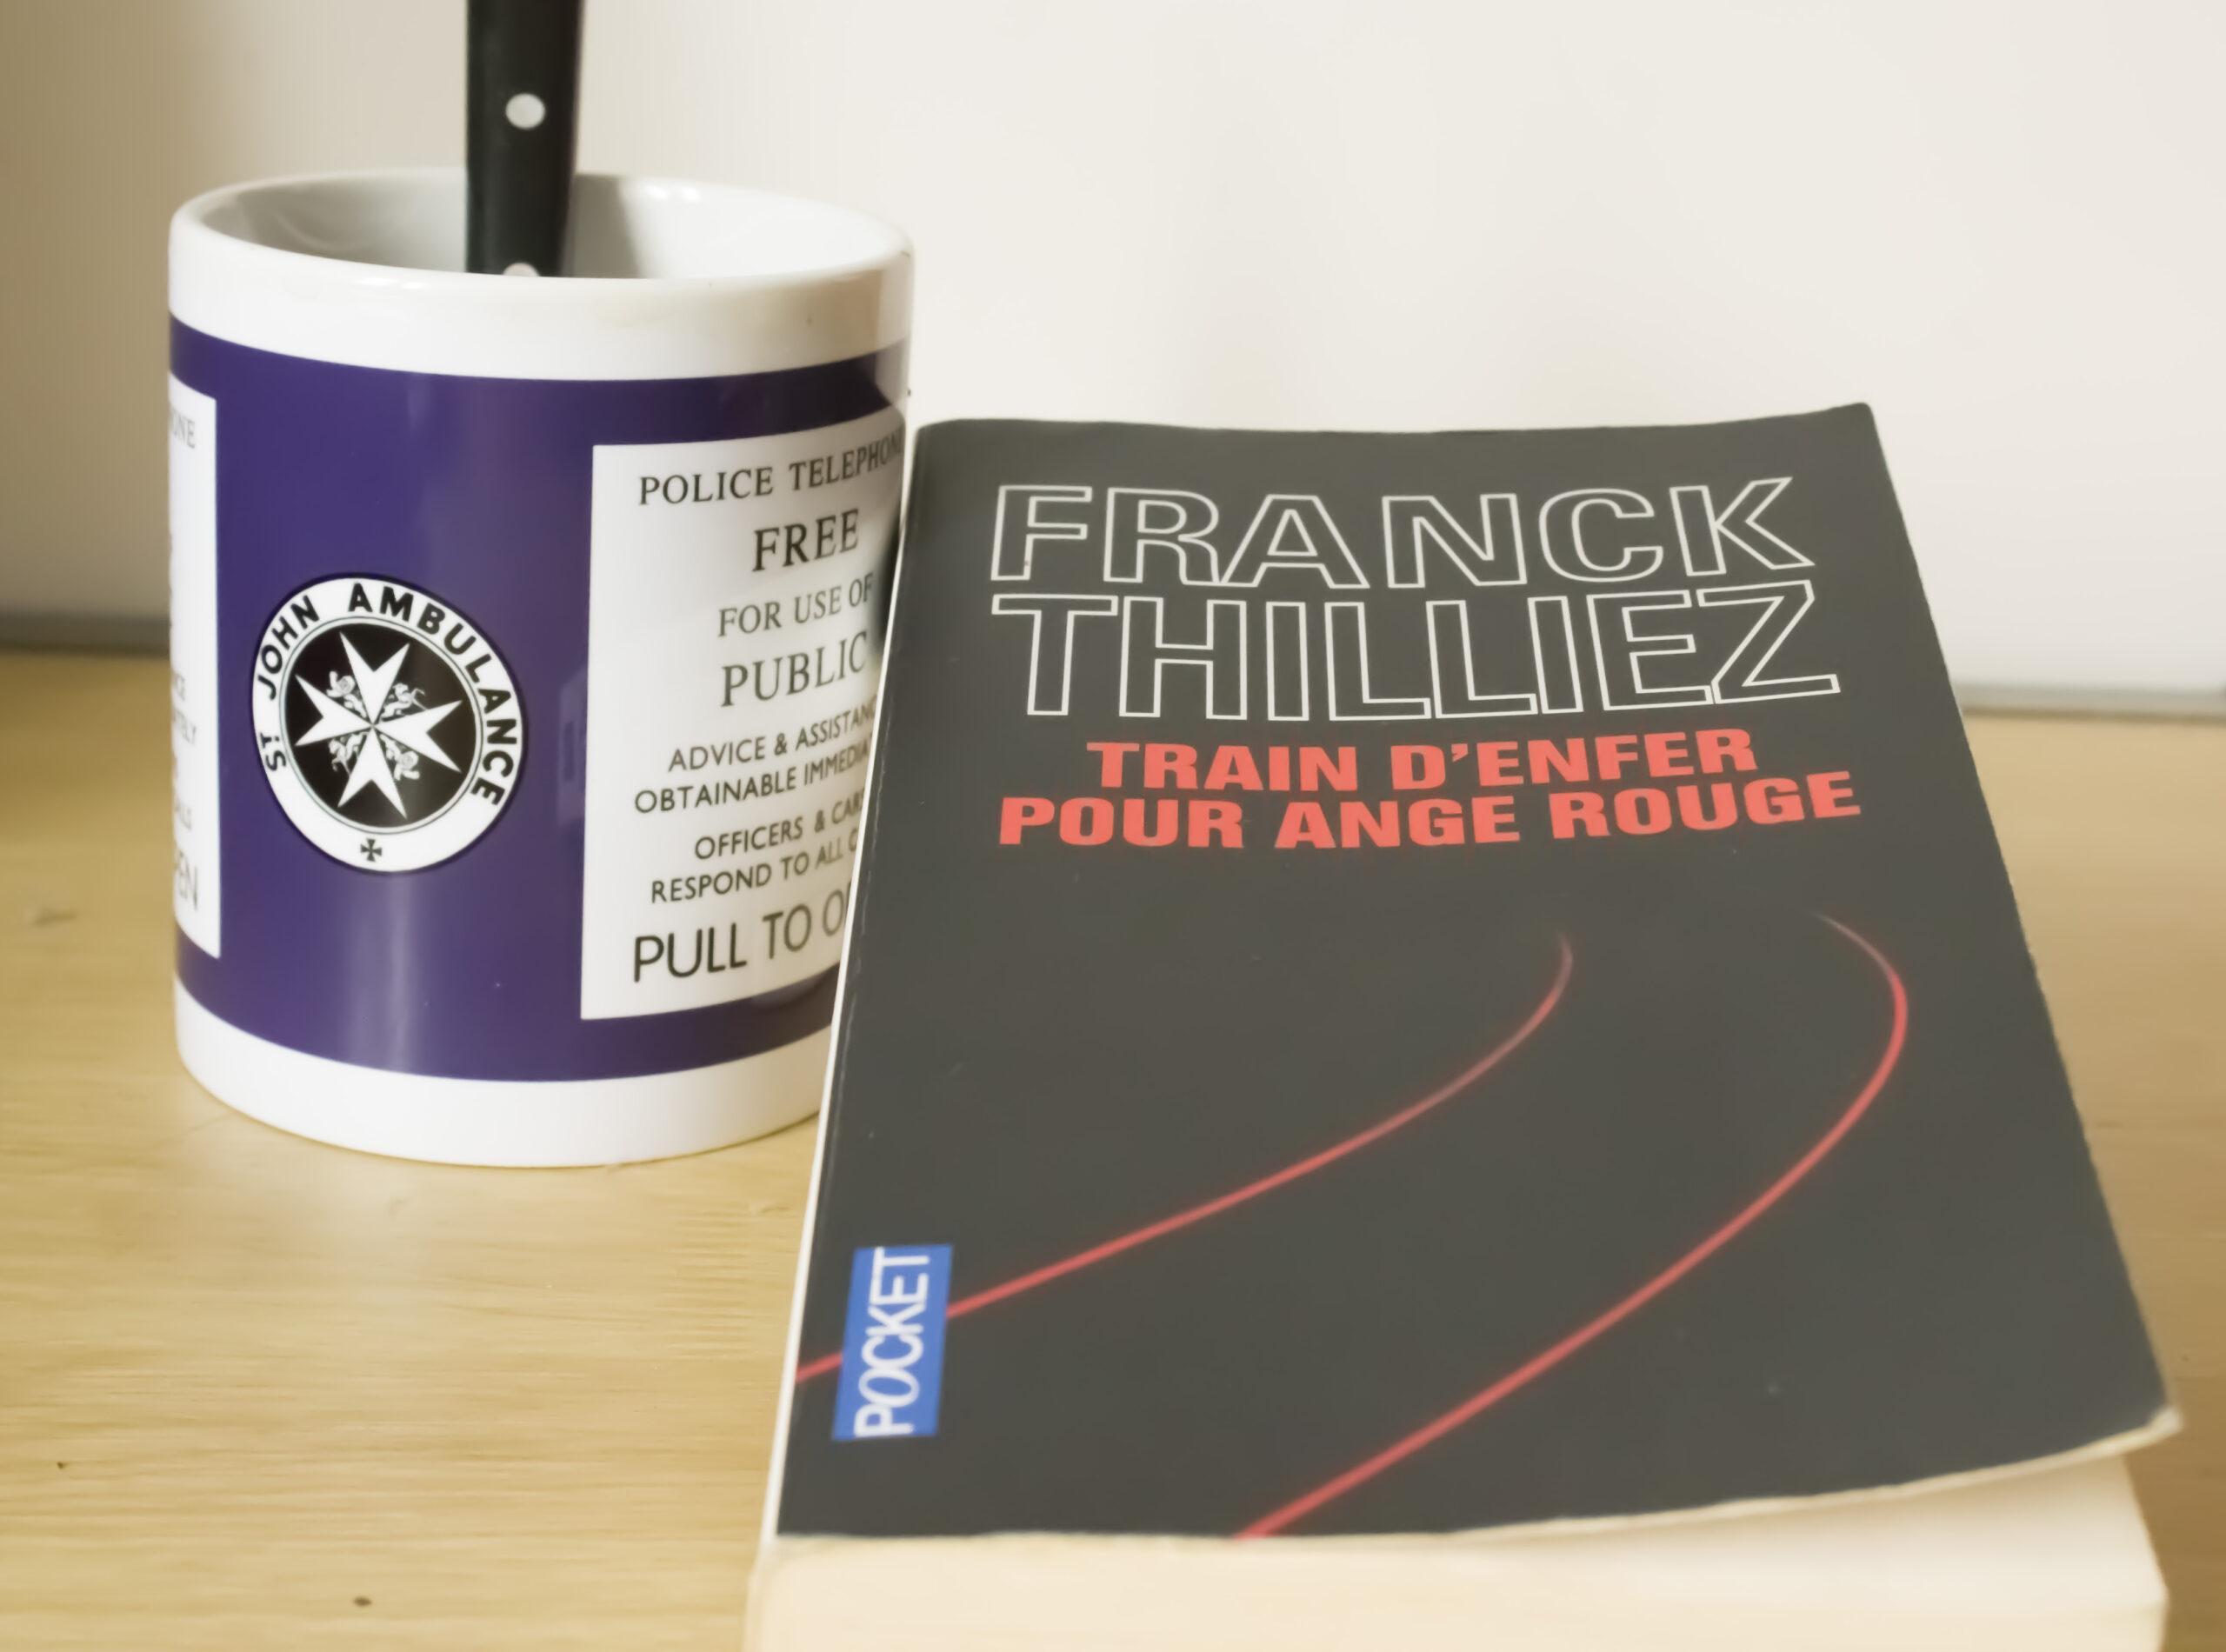 Train d'enfer pour ange rouge – Frank Thilliez